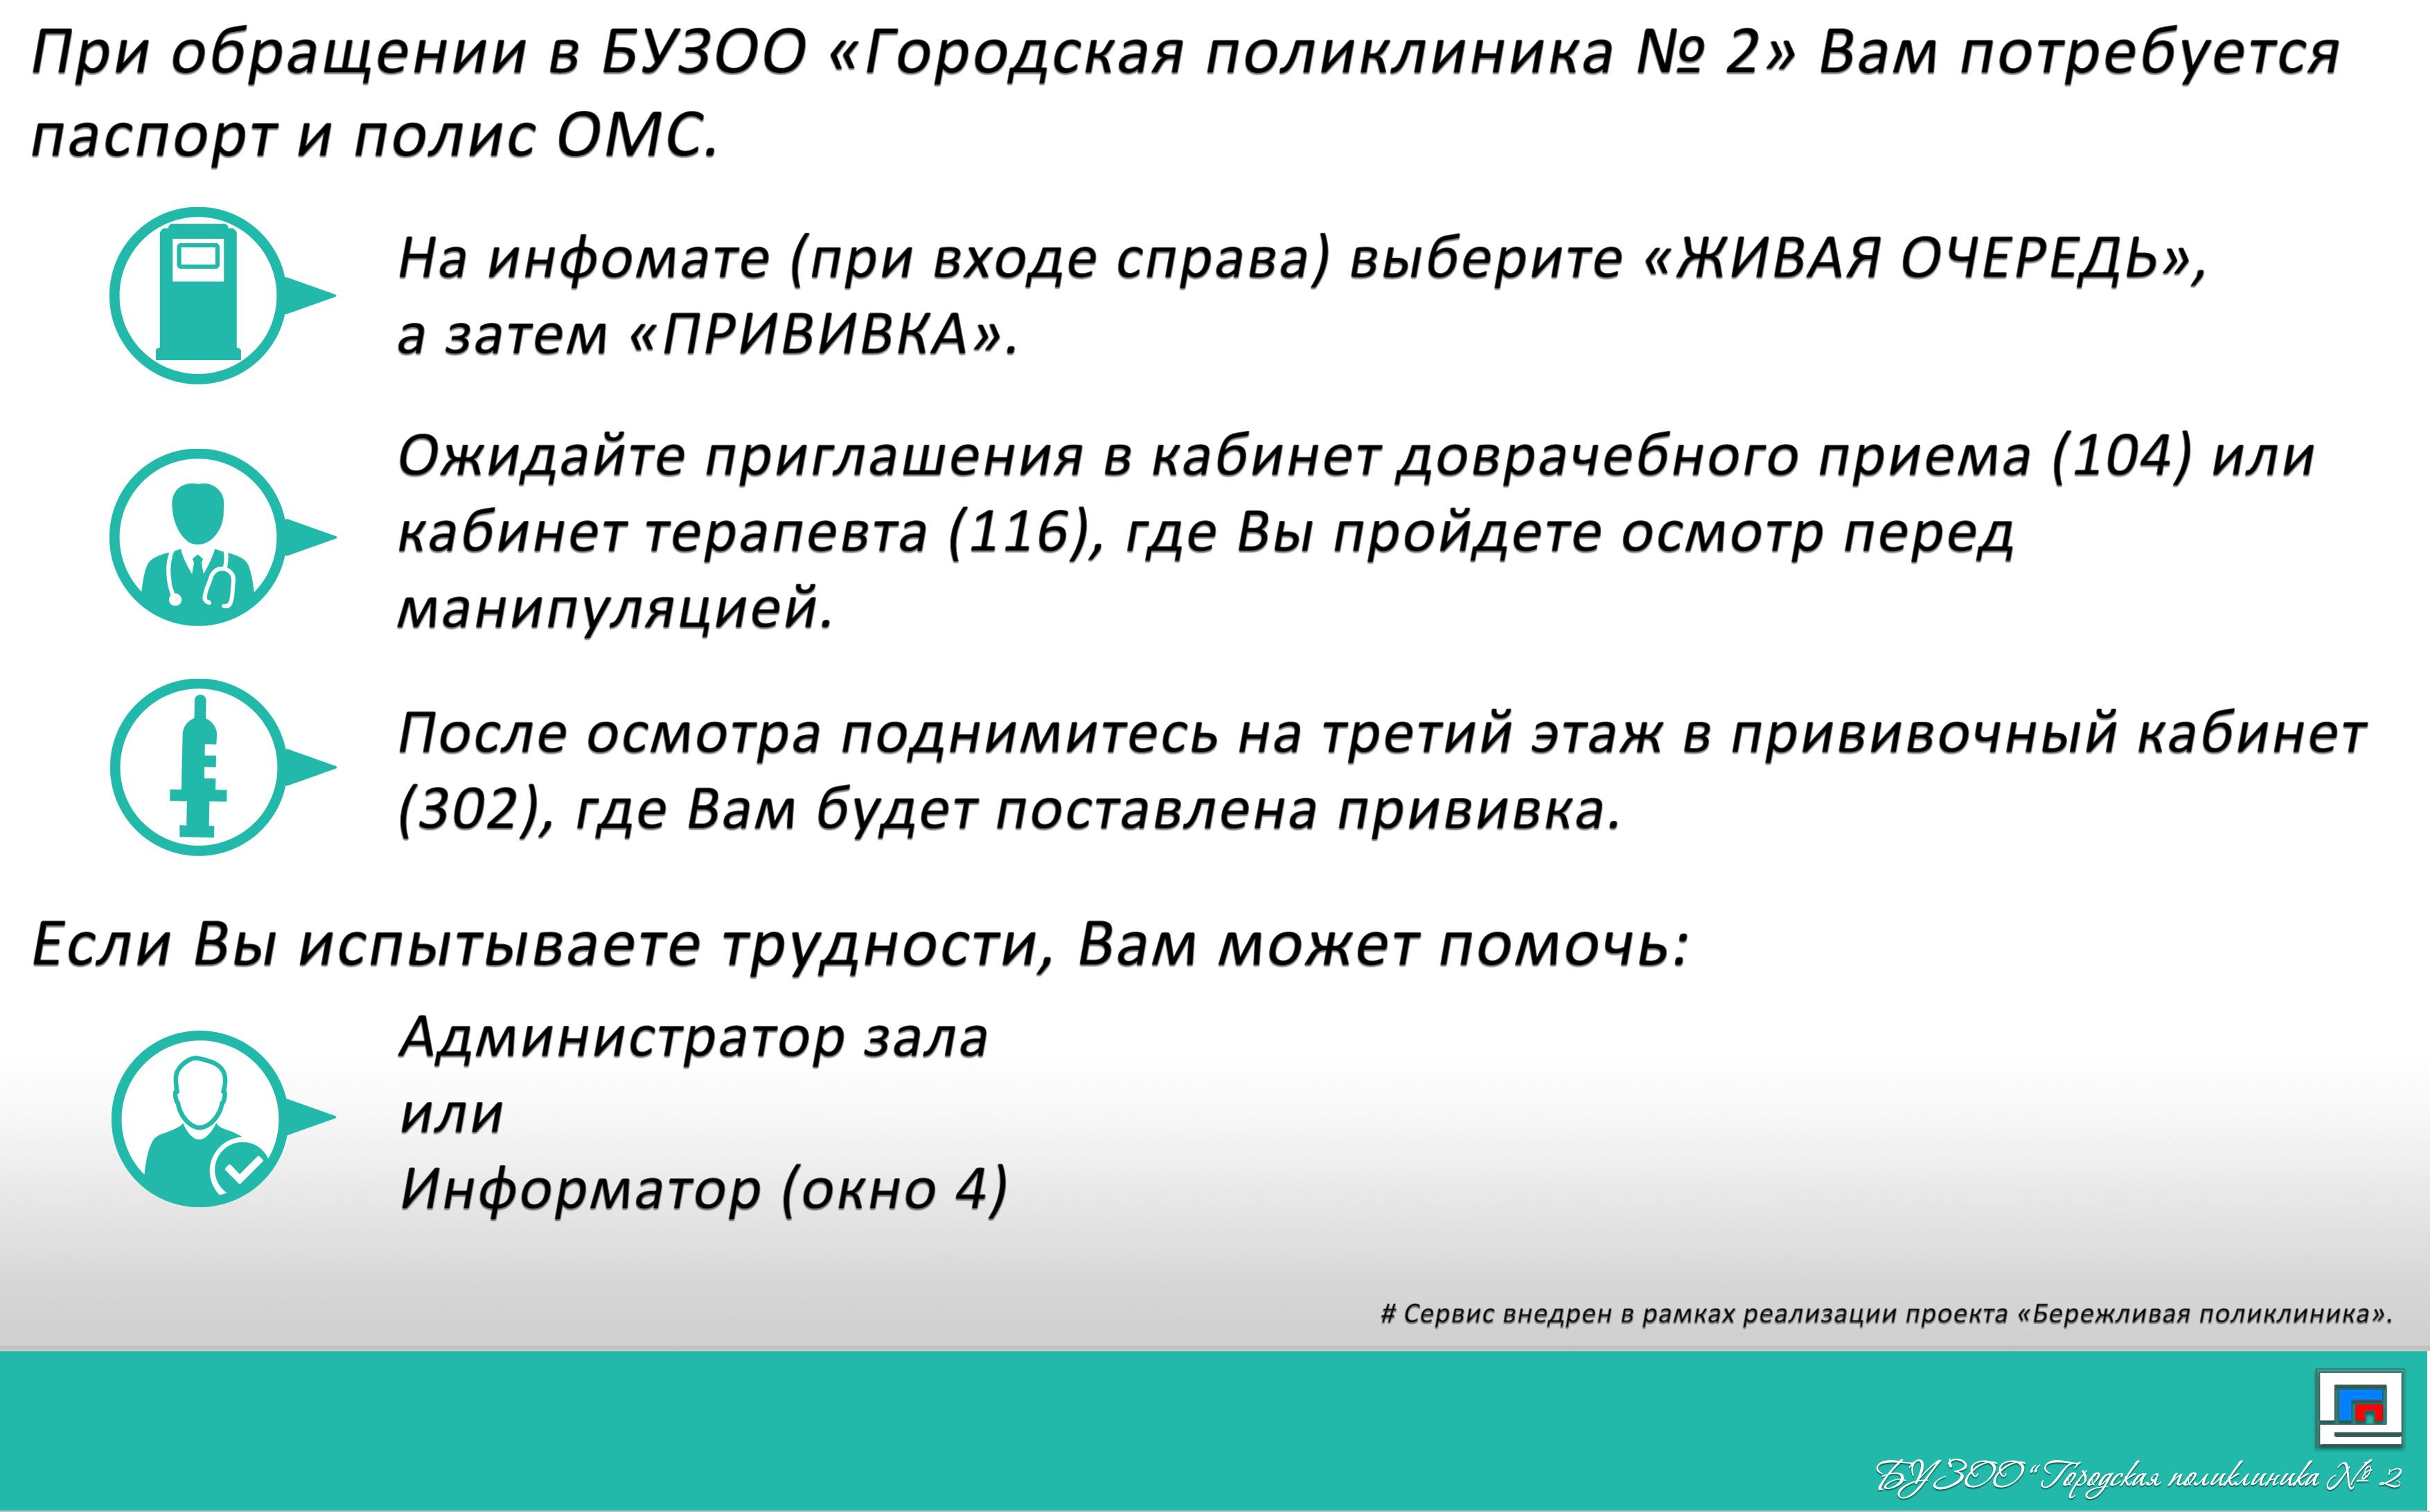 Прививка БУЗОО ГП2